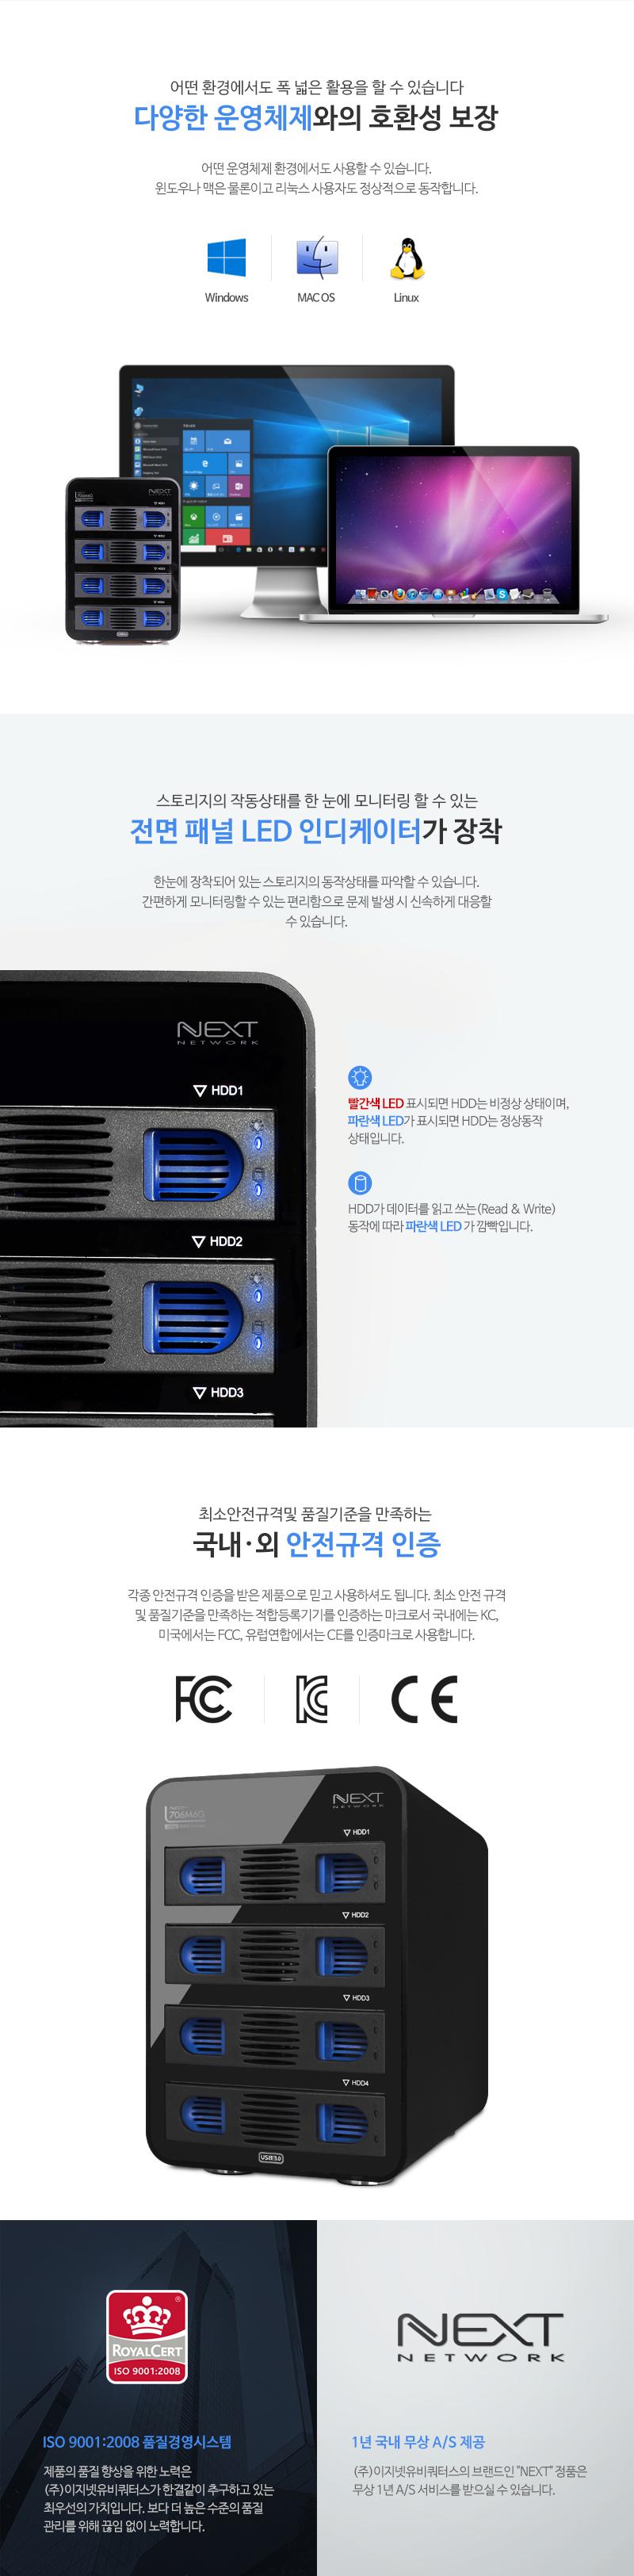 이지넷유비쿼터스 넥스트 NEXT-706M6G (24TB)